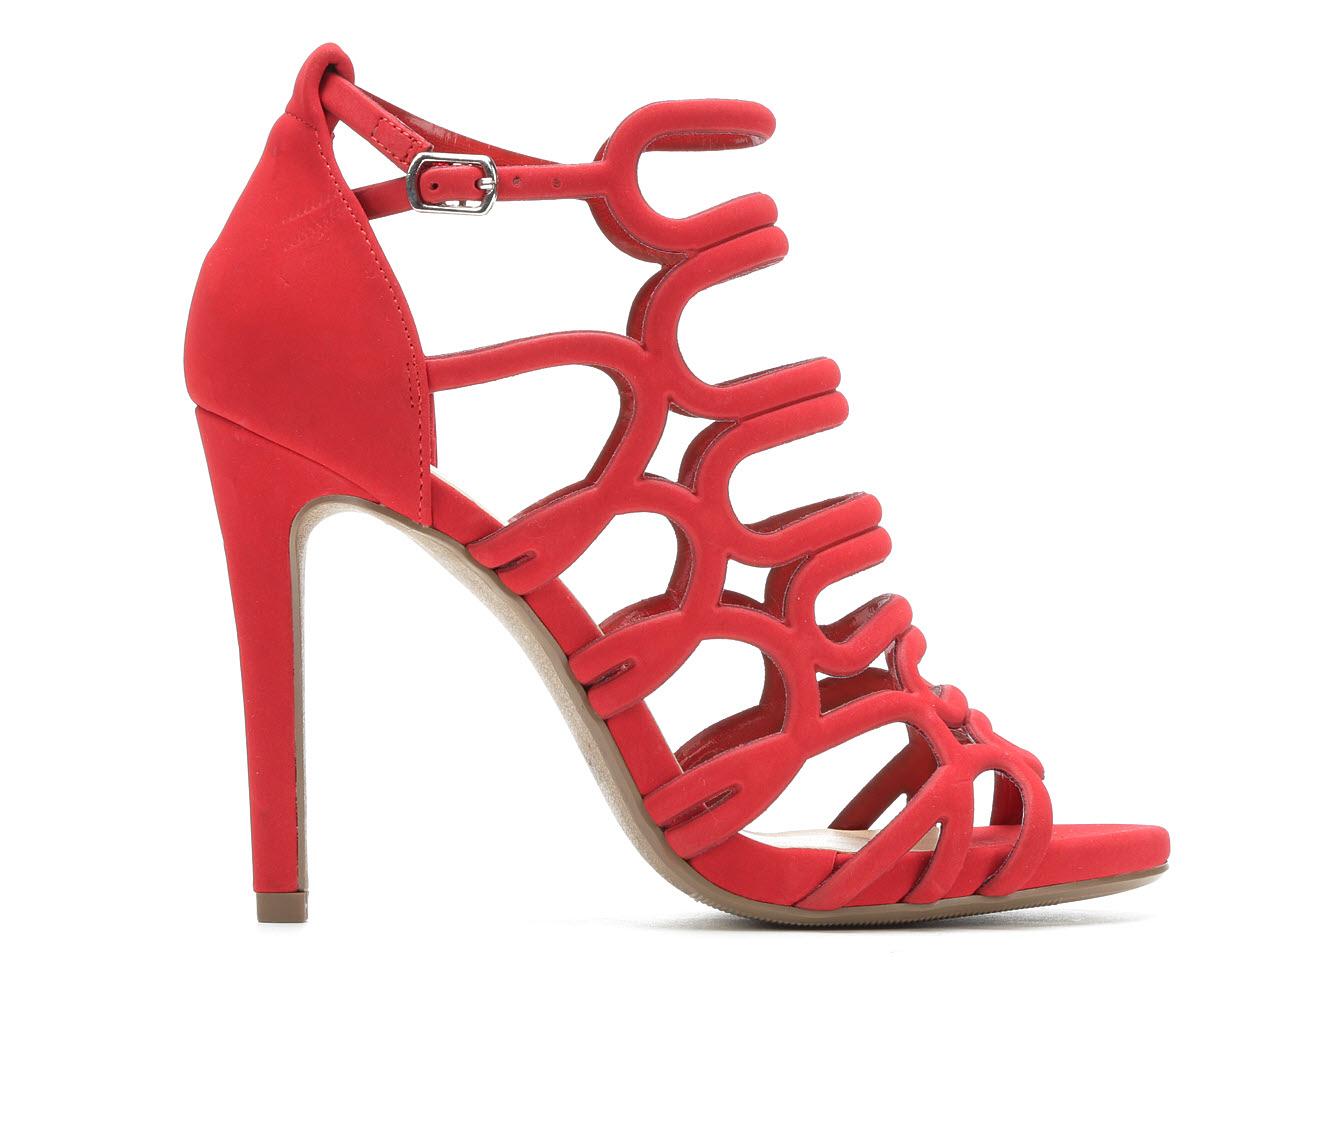 Y-Not London Women's Dress Shoe (Red Faux Leather)